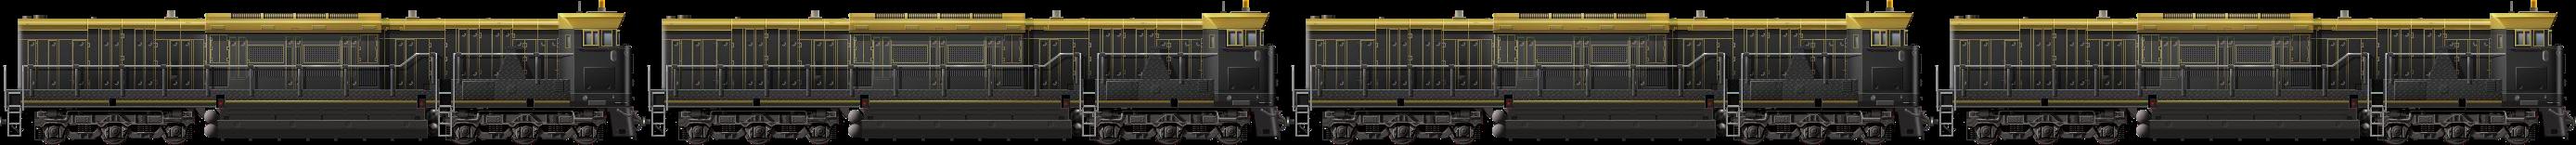 Braiden Cargo I